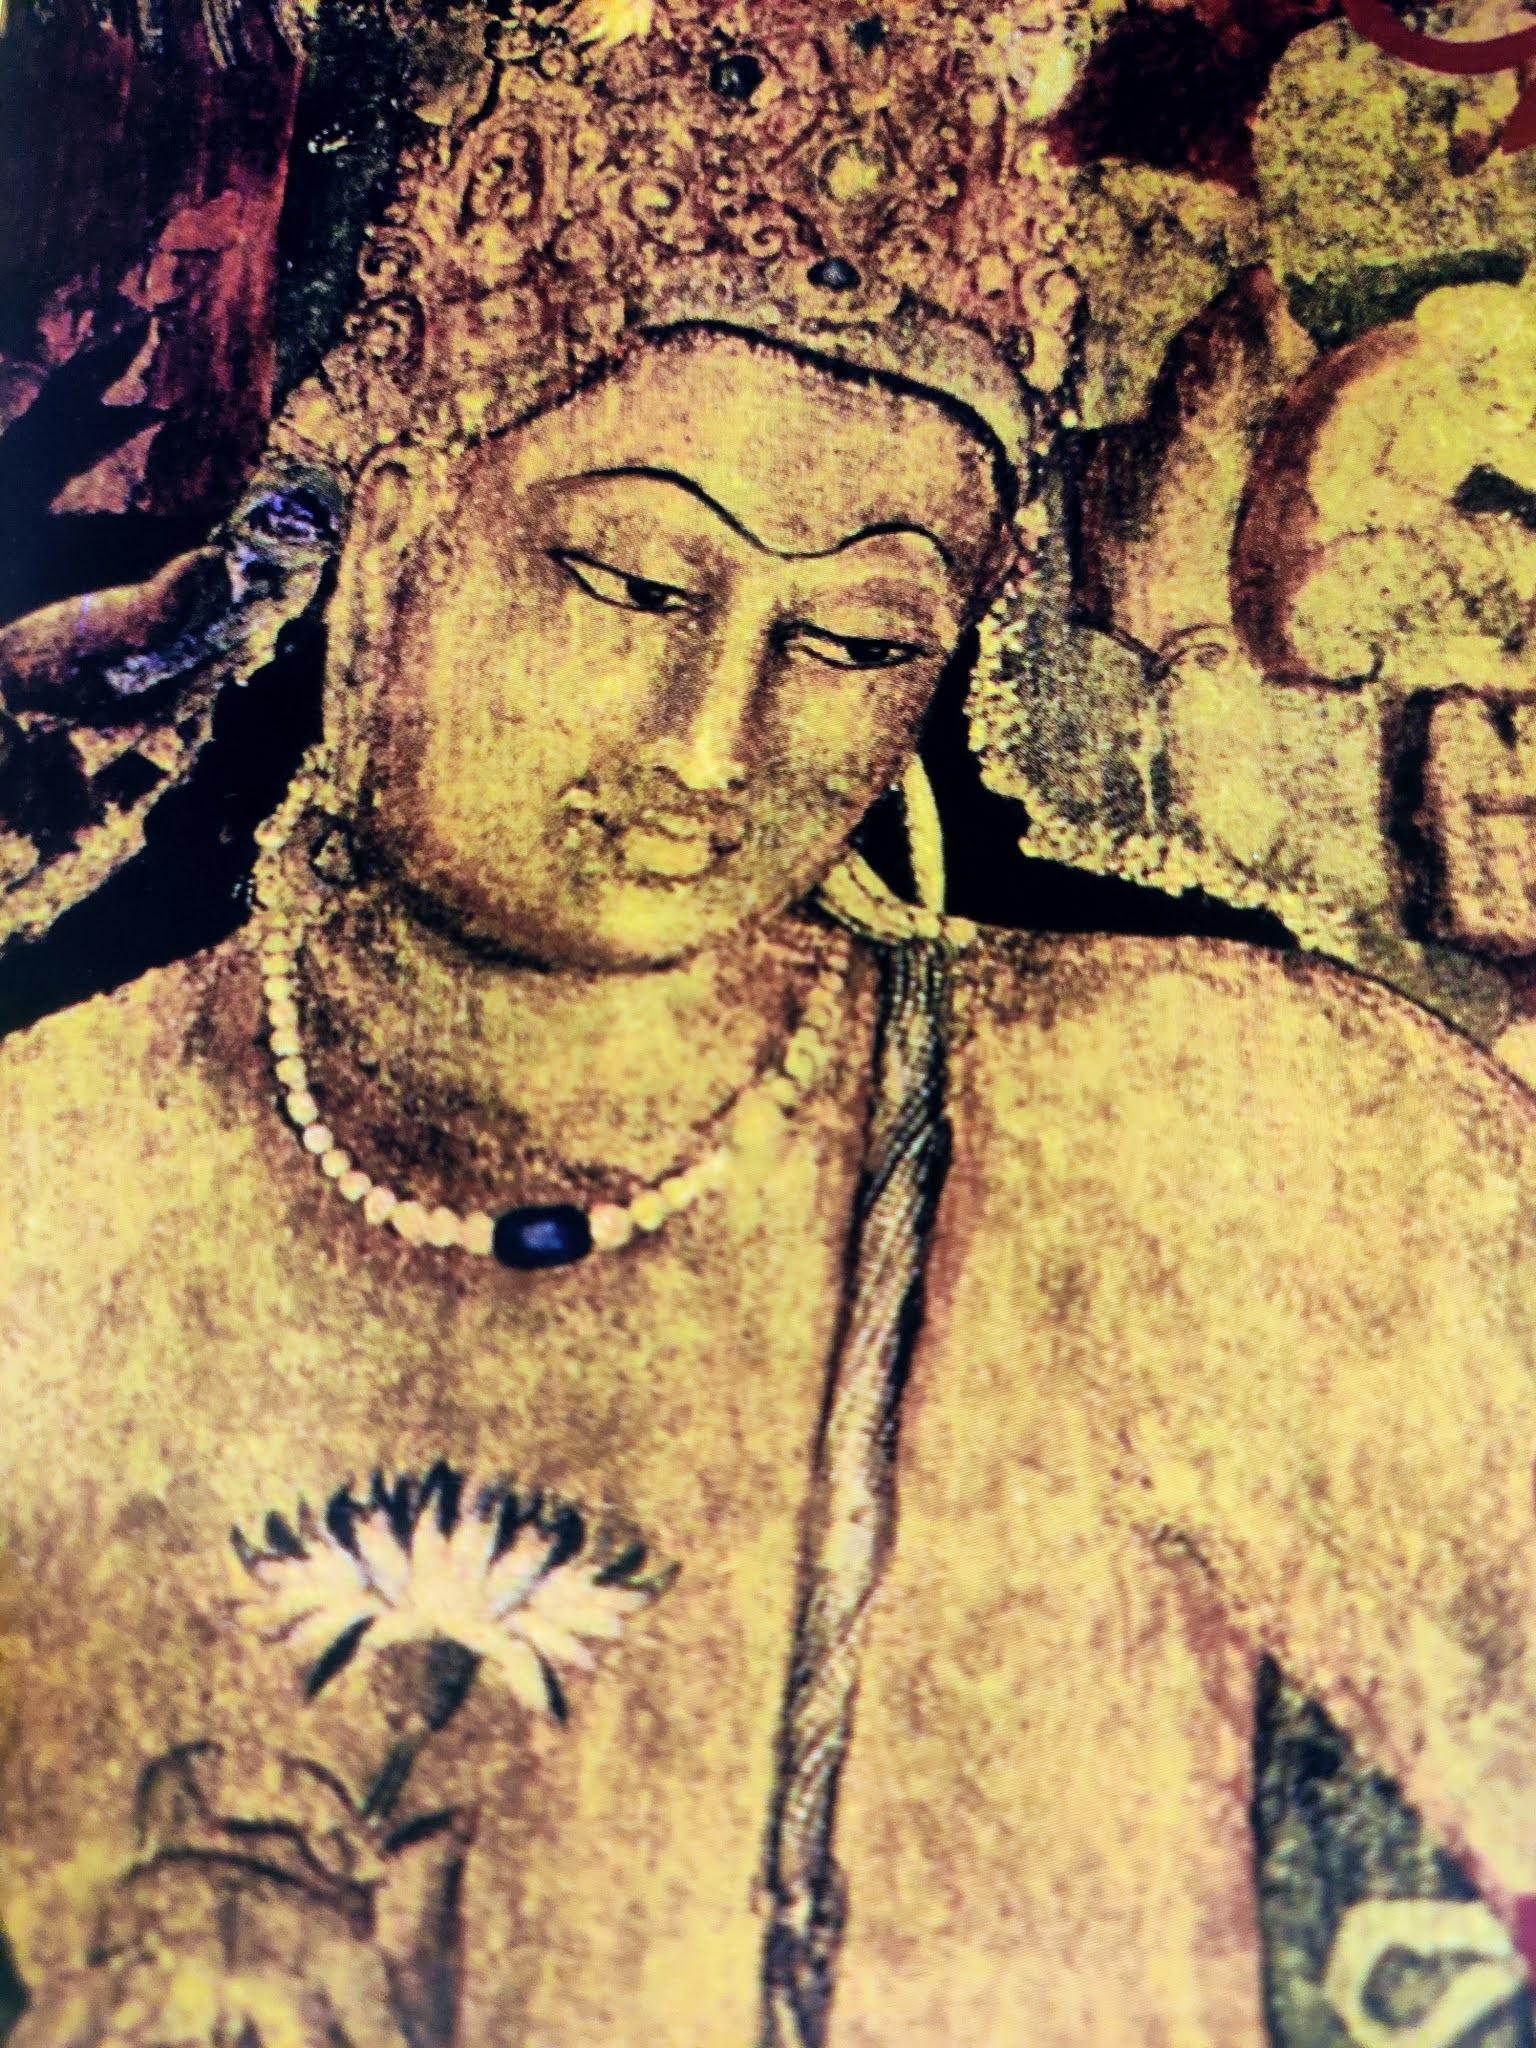 Image contains anjanta ellora caves